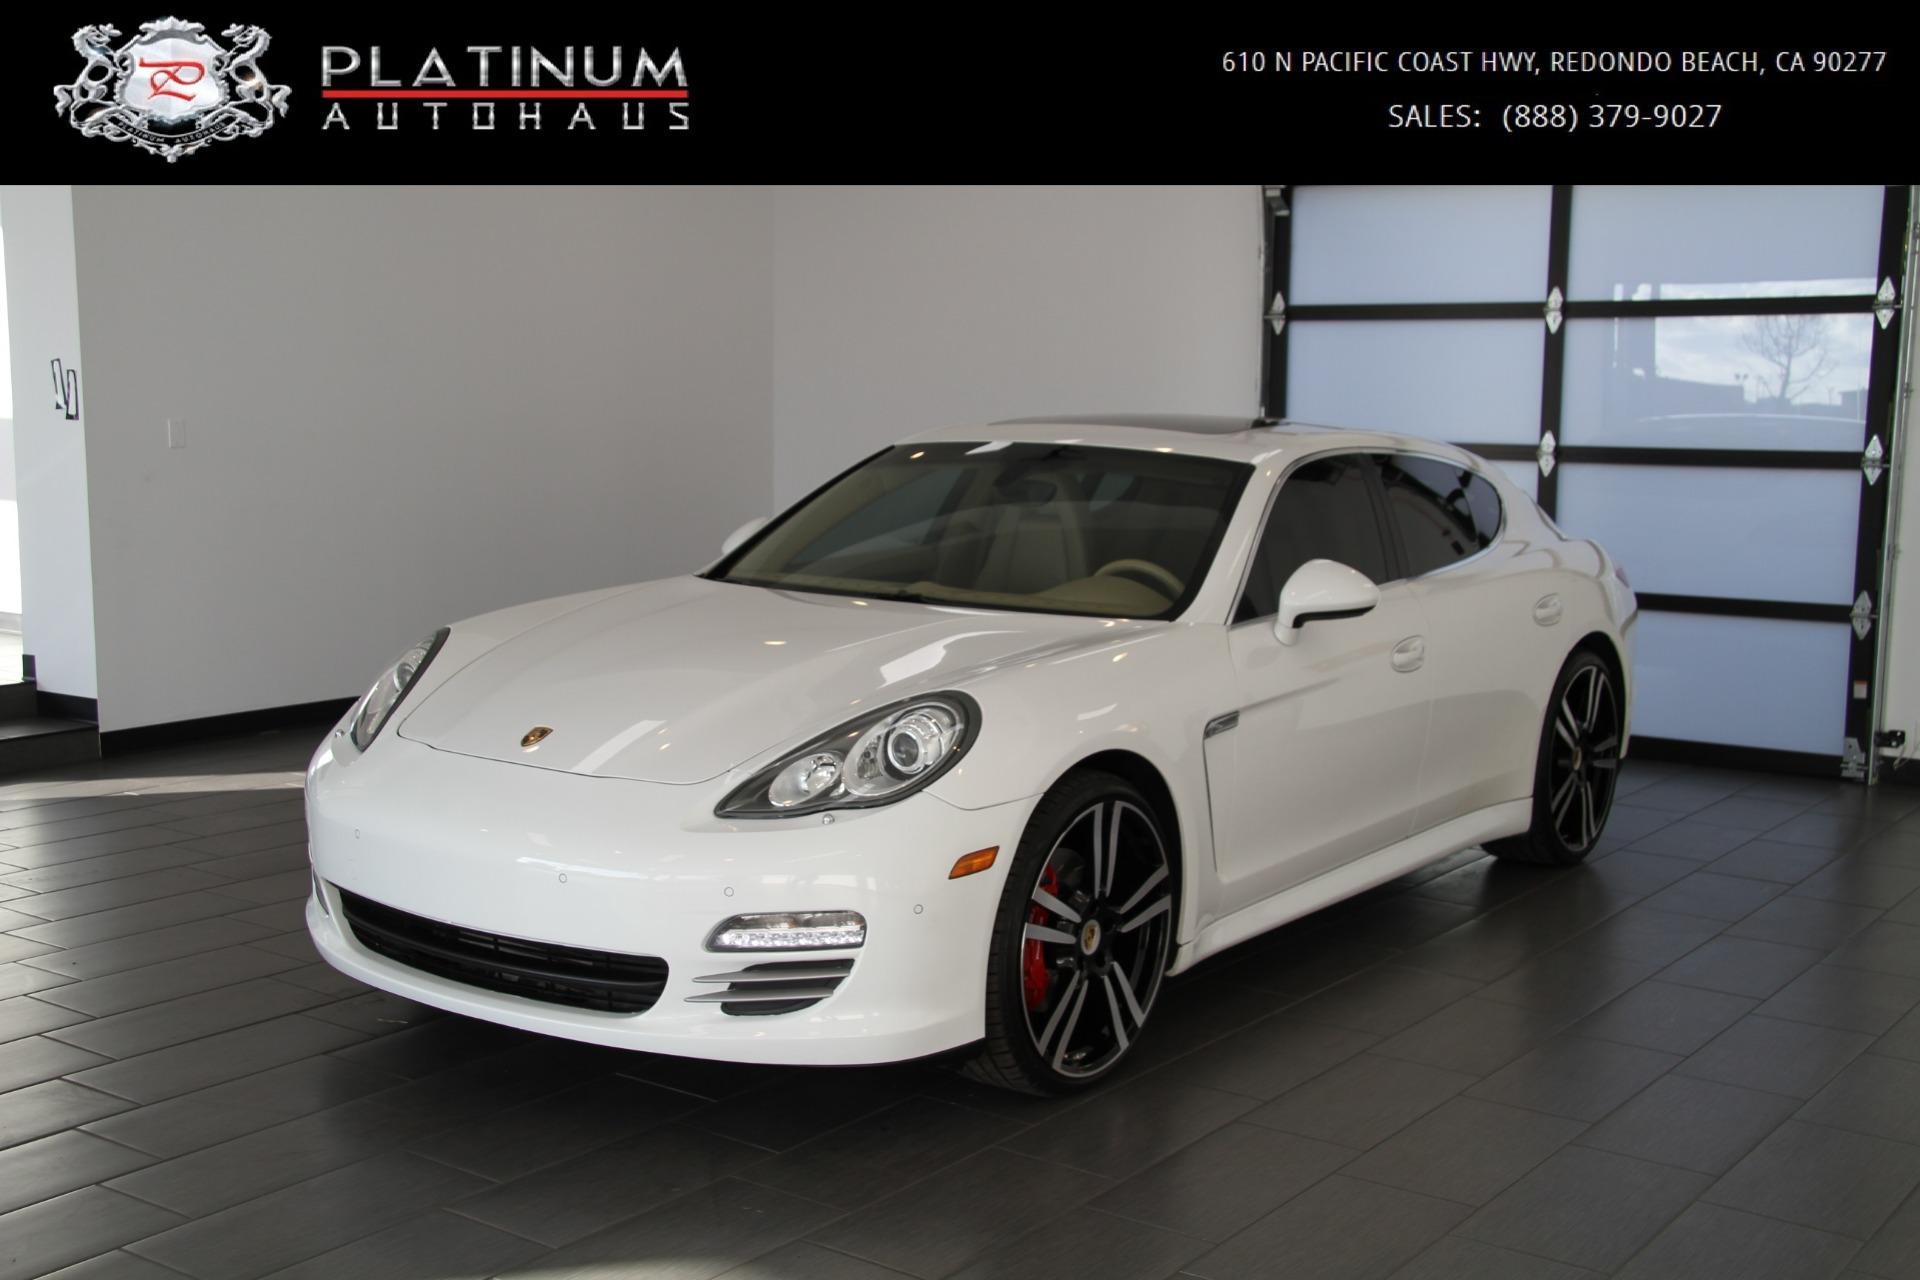 2011 Porsche Panamera 4S Stock # 5949A for sale near Redondo Beach